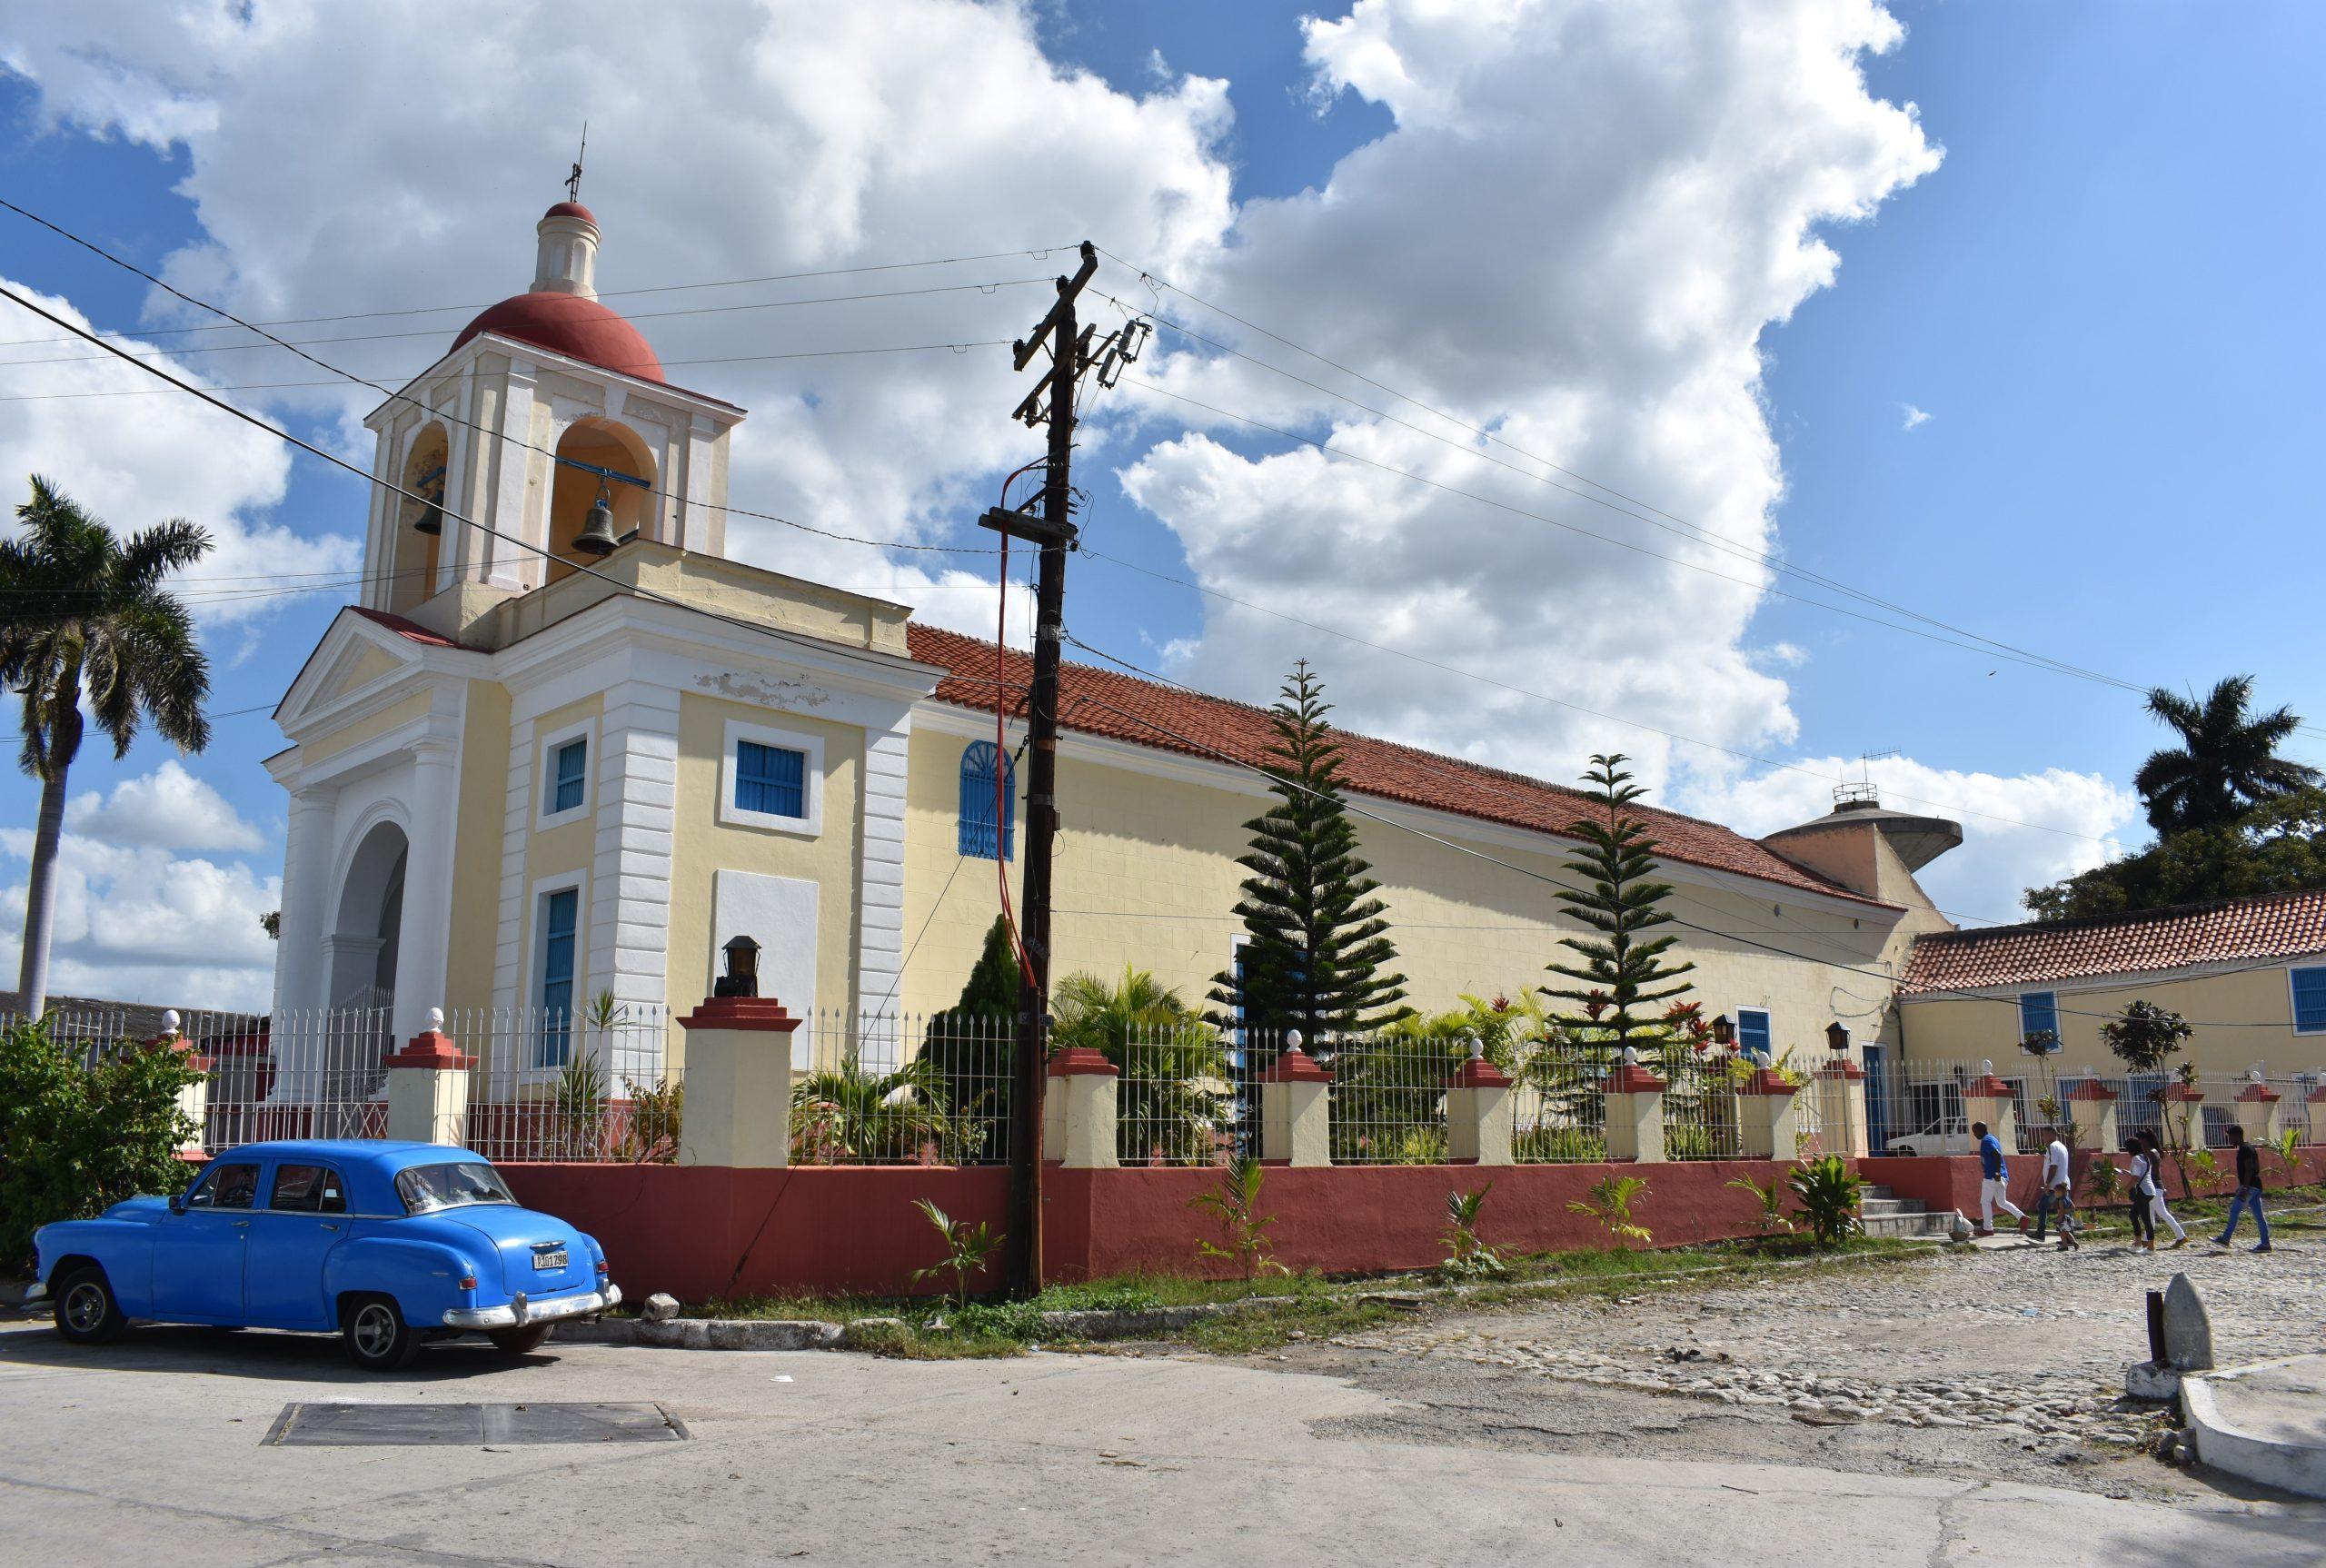 La ermita de Nuestra Señora de Regla